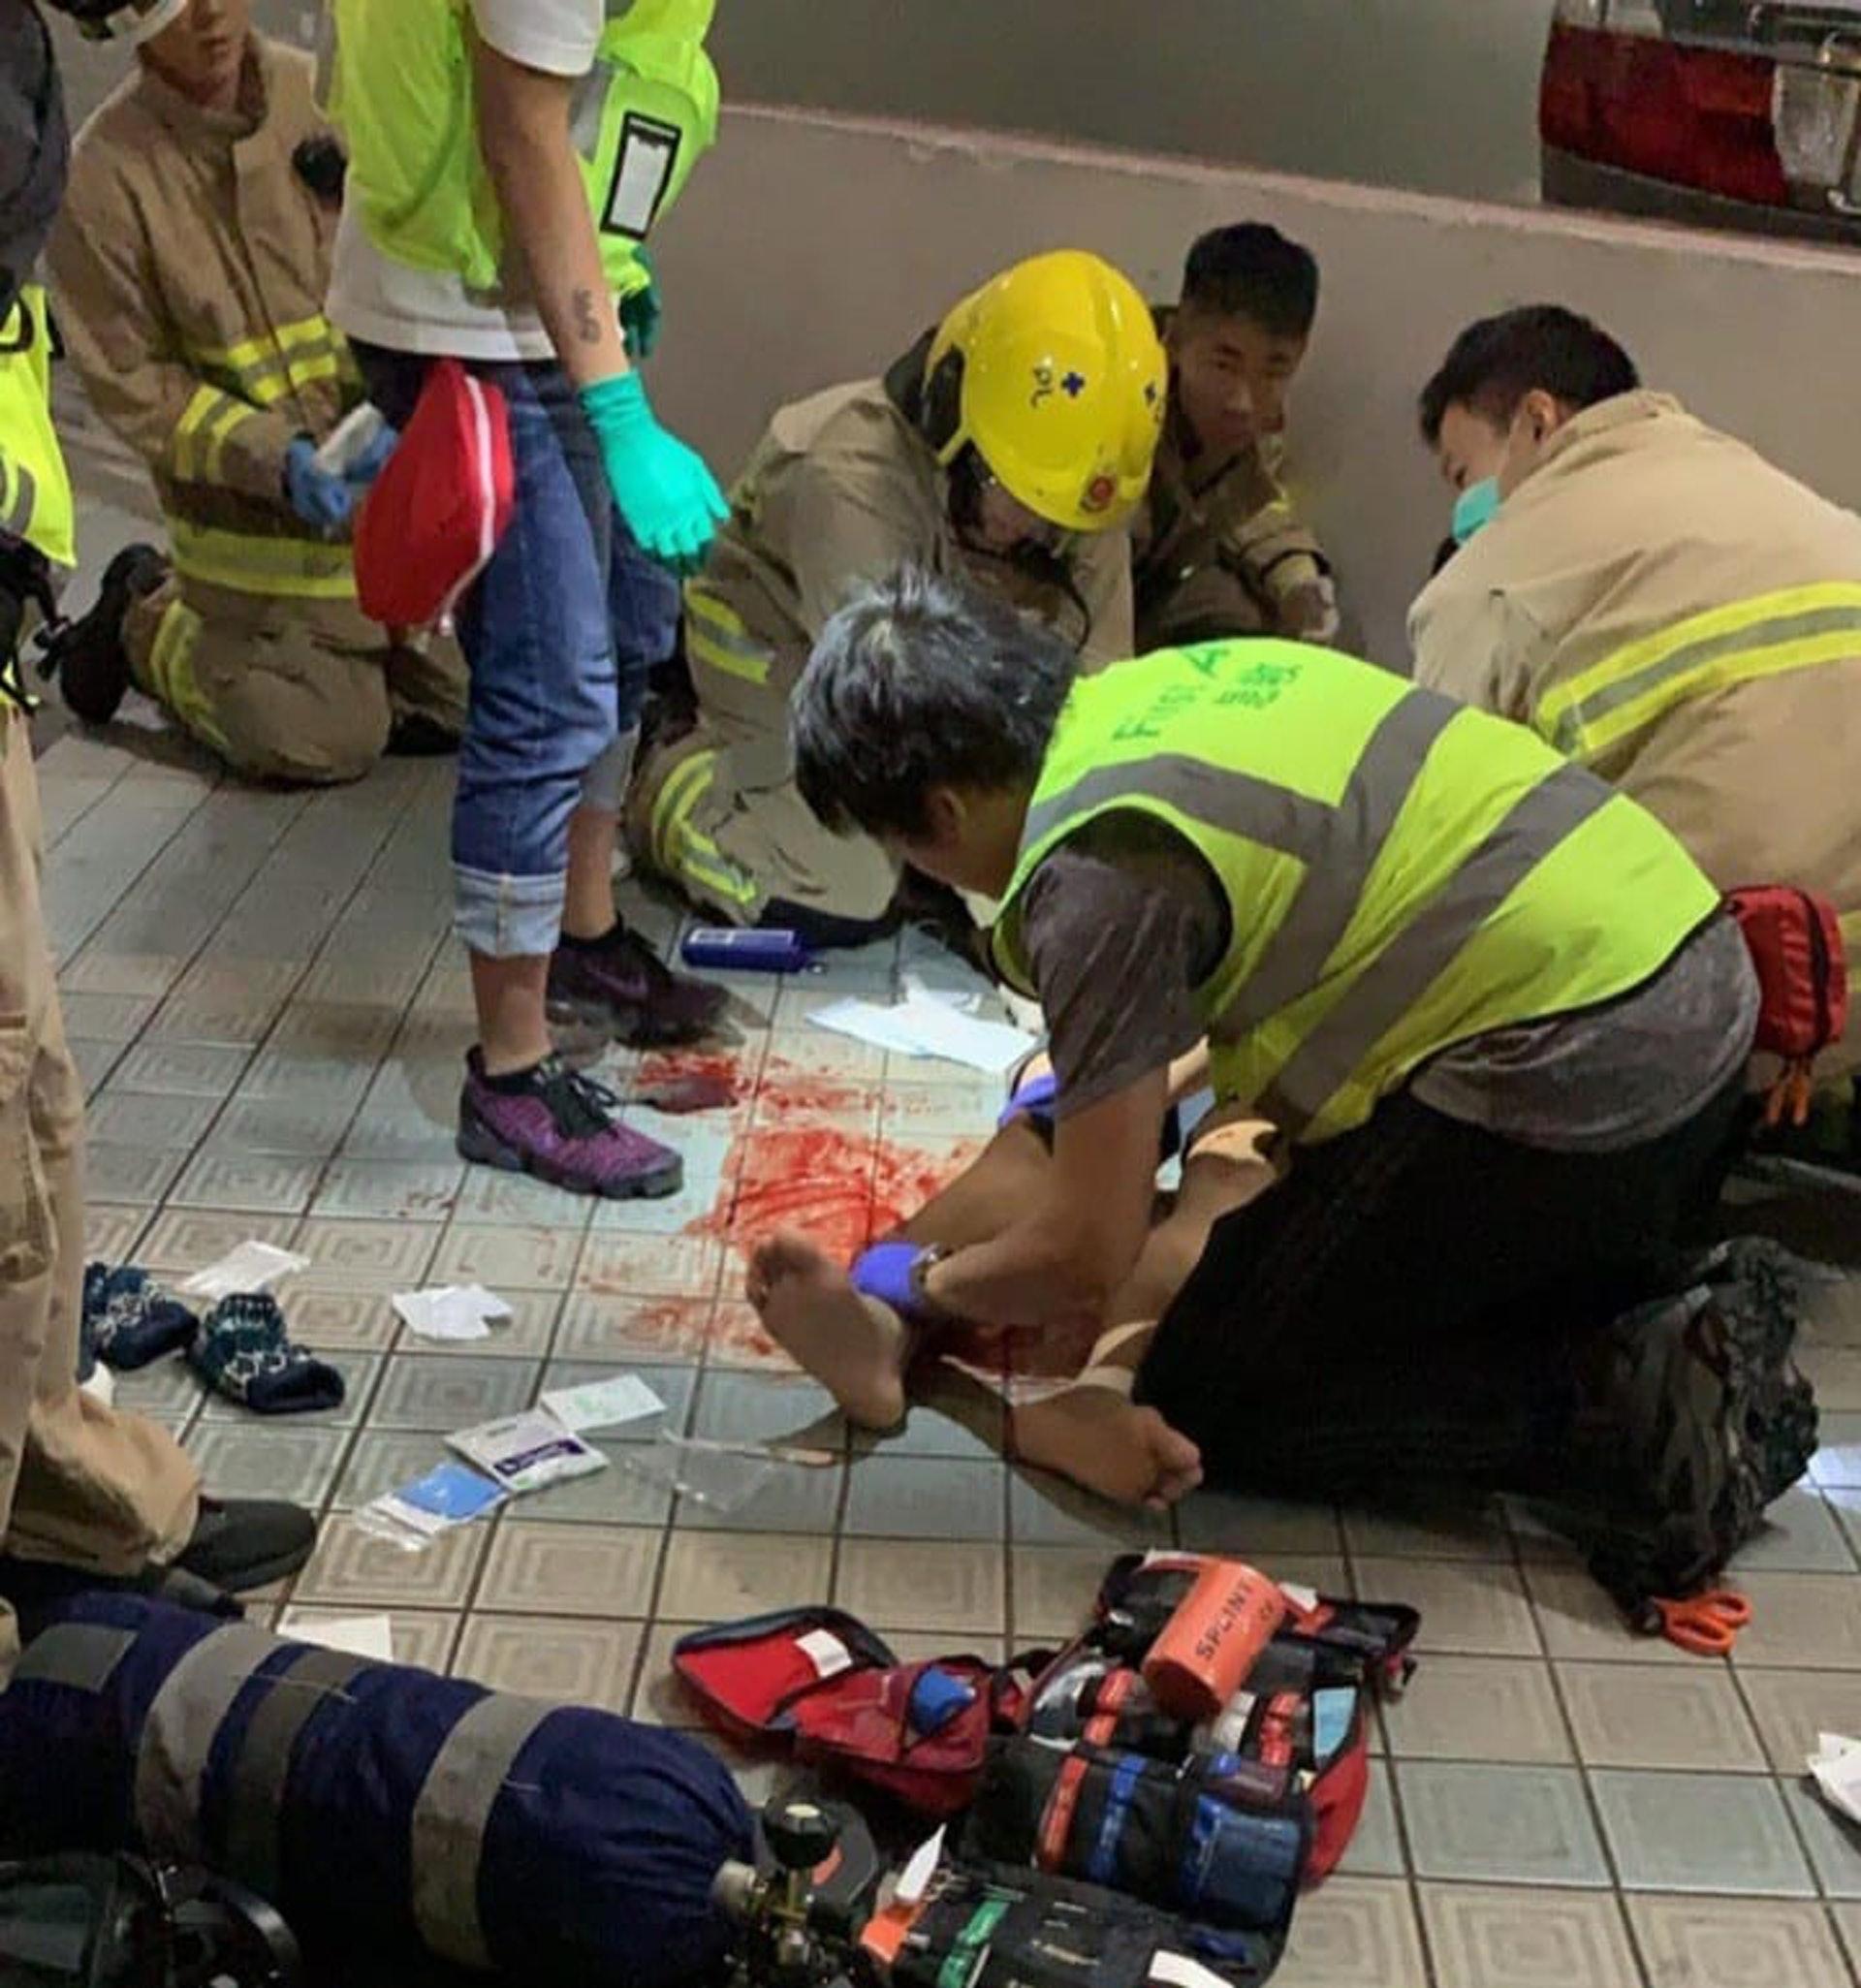 救援人員在場拯救墮樓青年。(網上圖片)